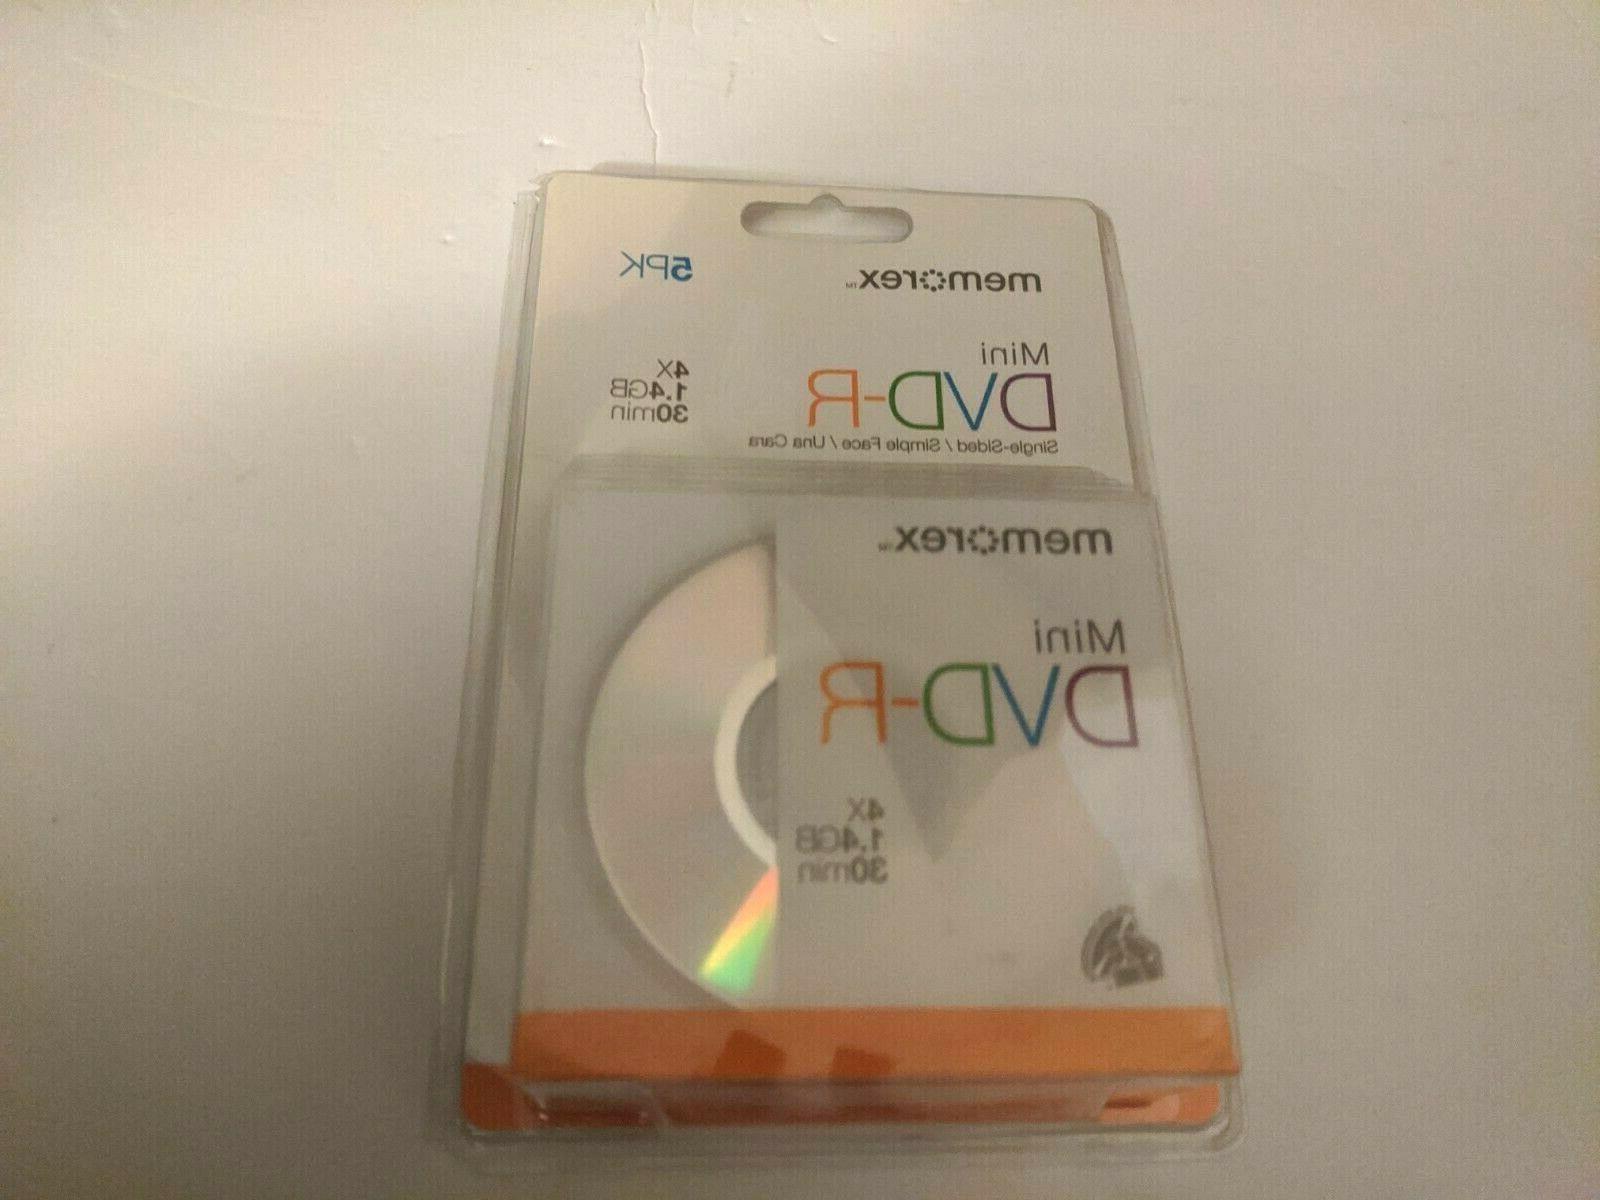 mini dvd r